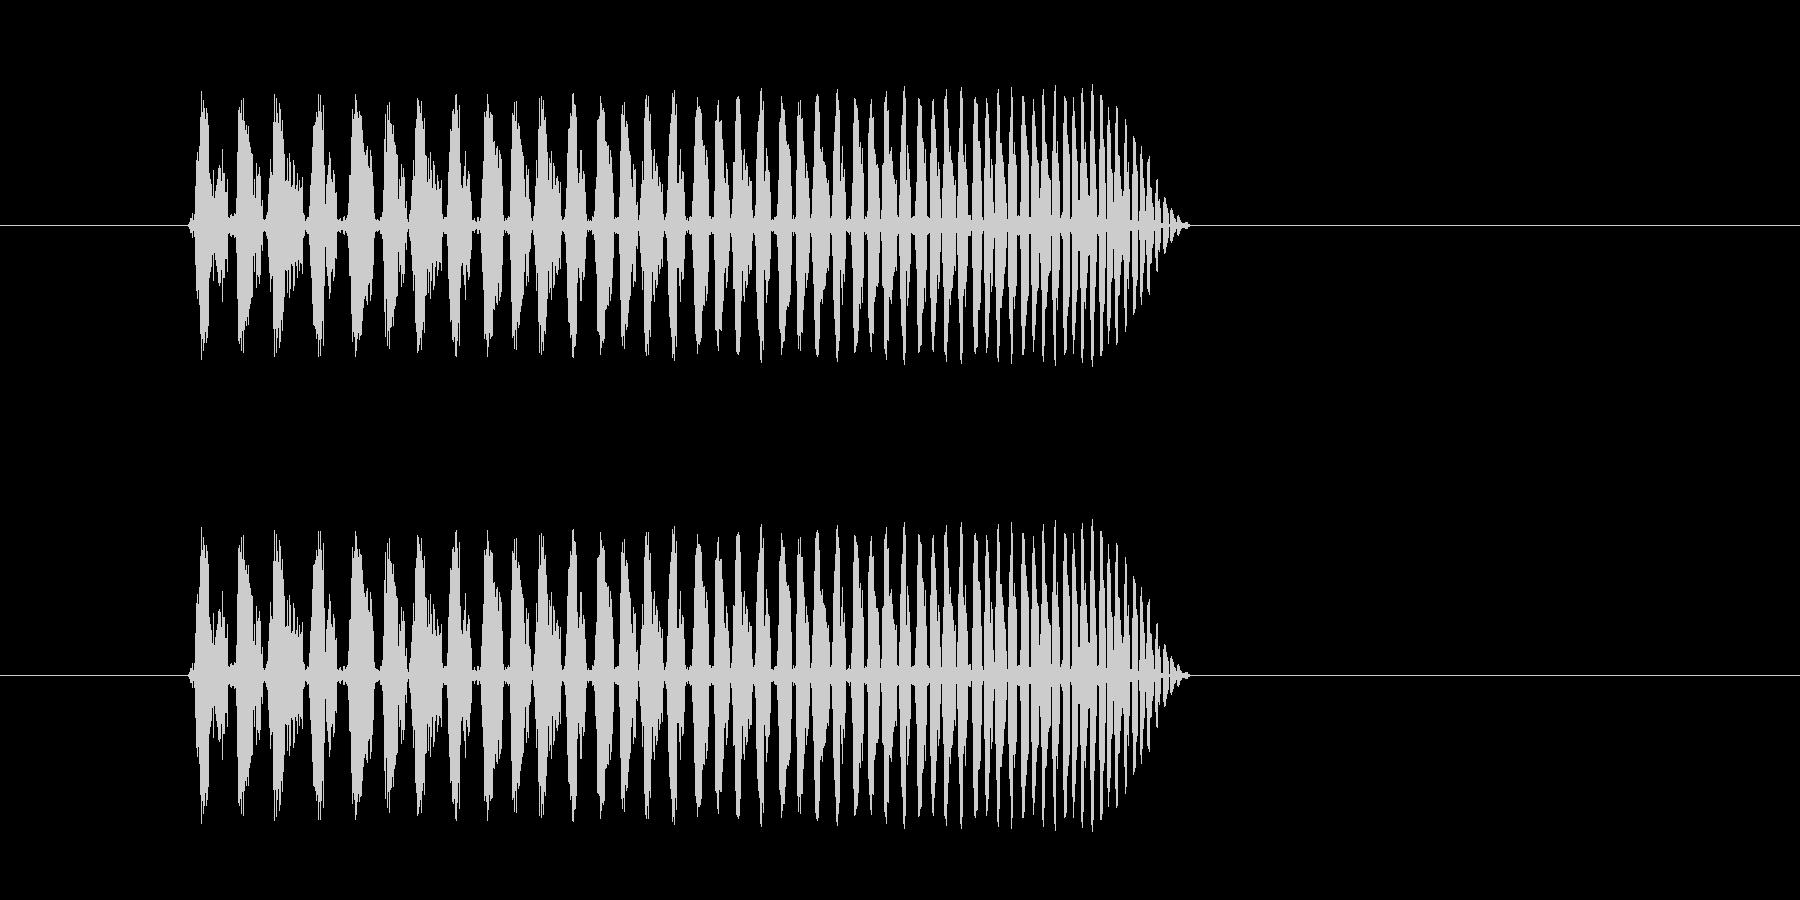 どんどん早くなる、高速回転音の未再生の波形